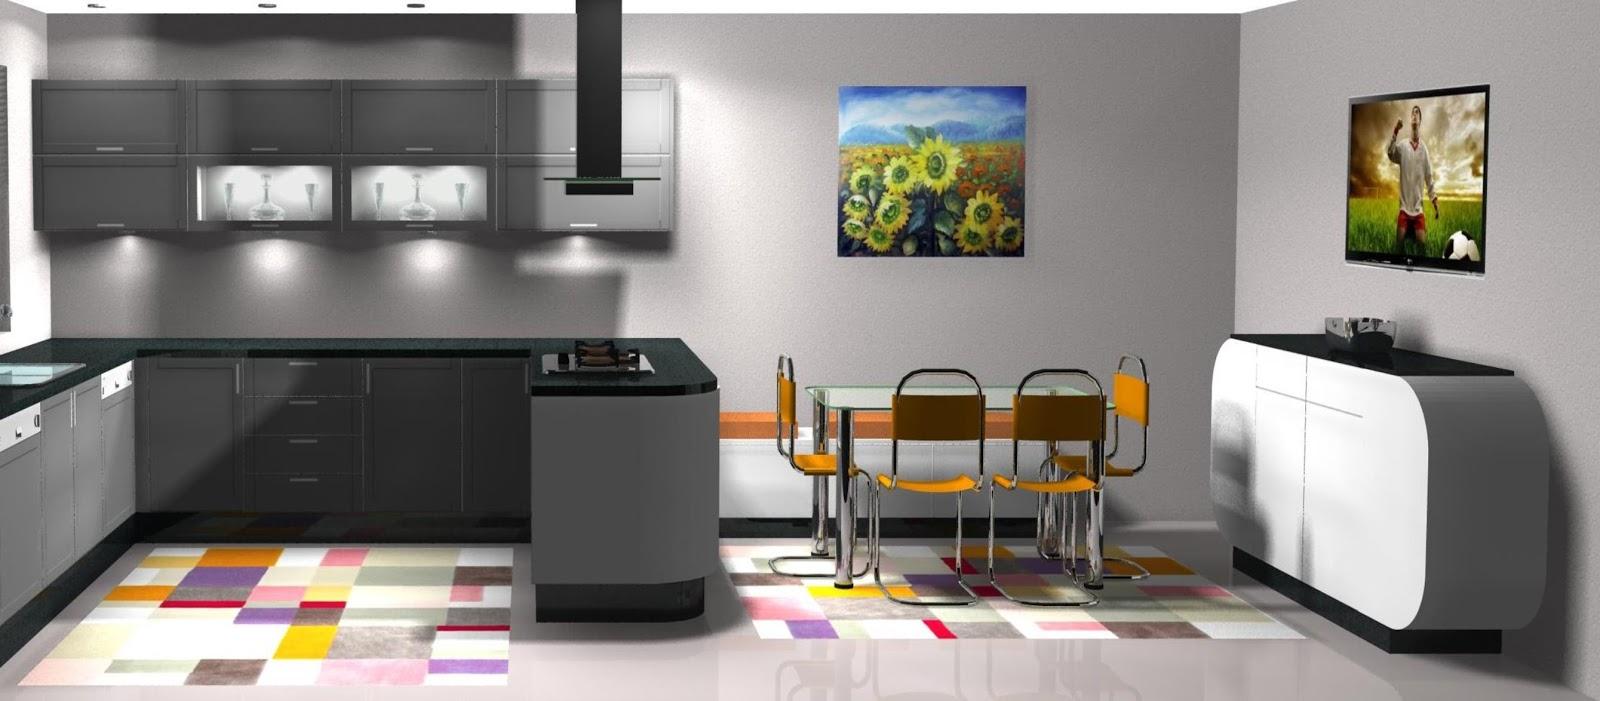 Dise o muebles de cocina dise o de cocina lacada en for Muebles blancos y grises